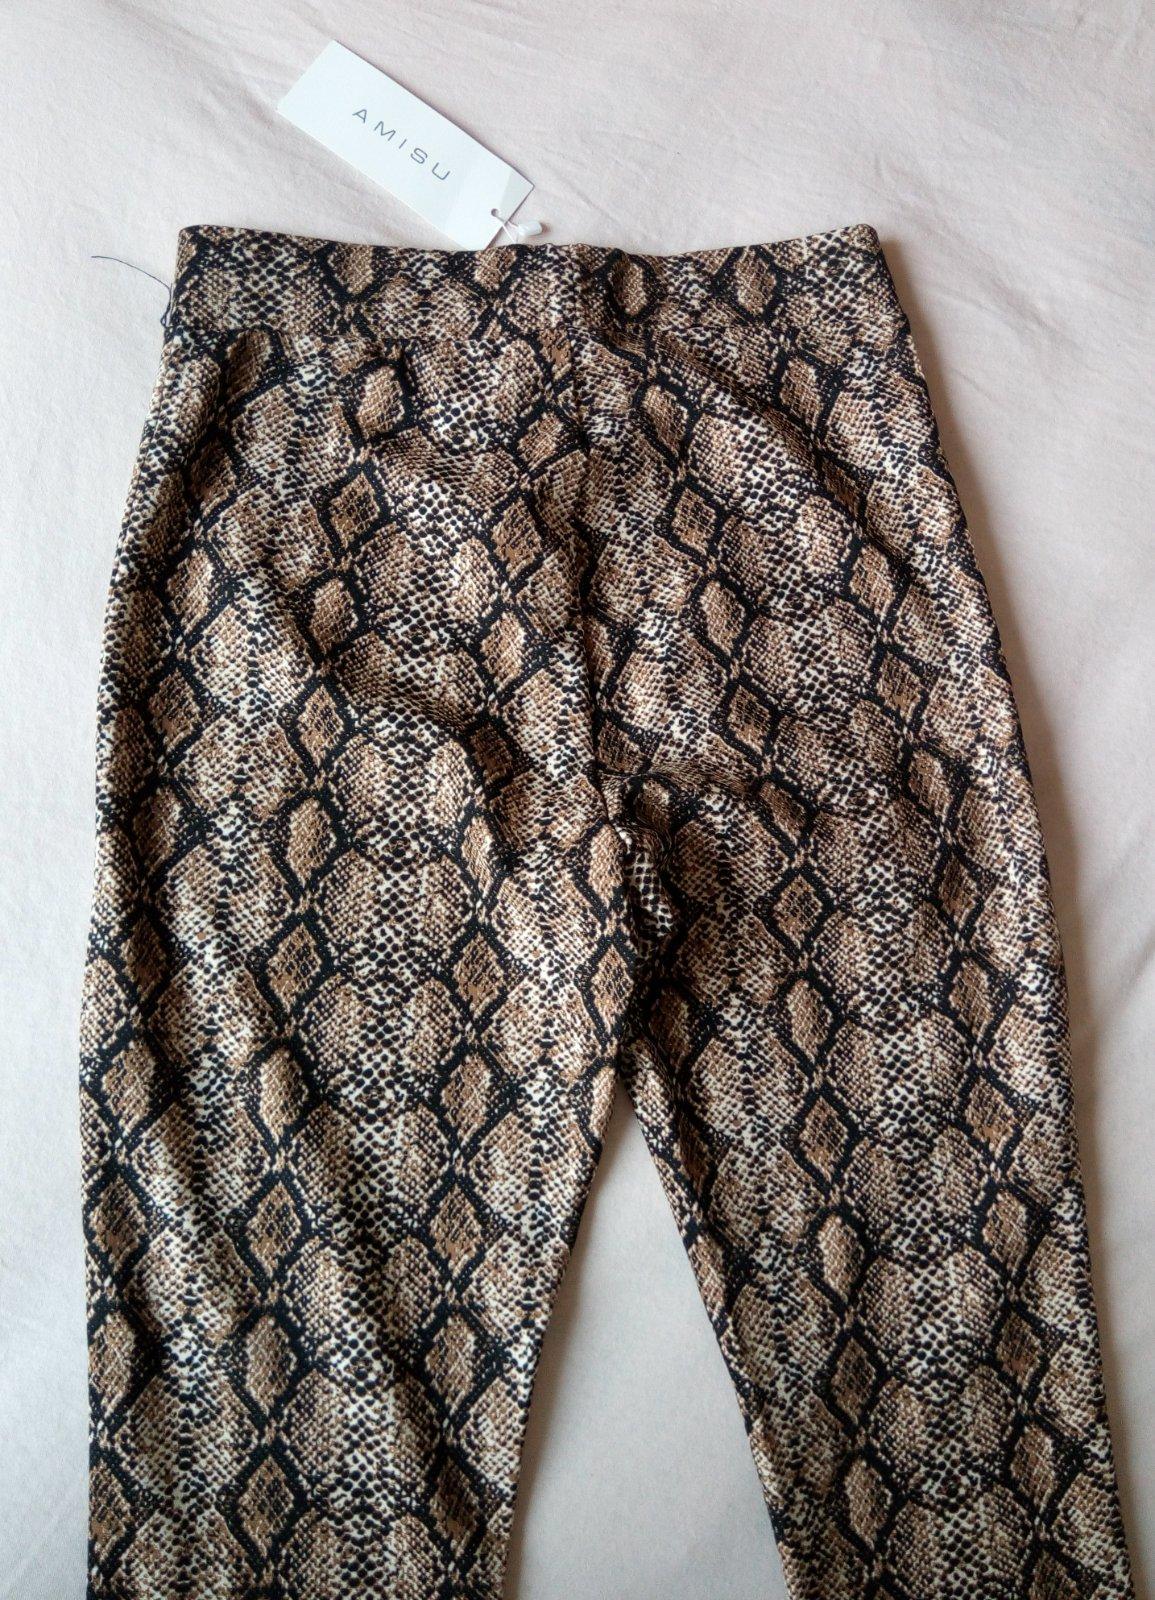 Hnedé hadie legínové nohavice Amisu S - Obrázok č. 4